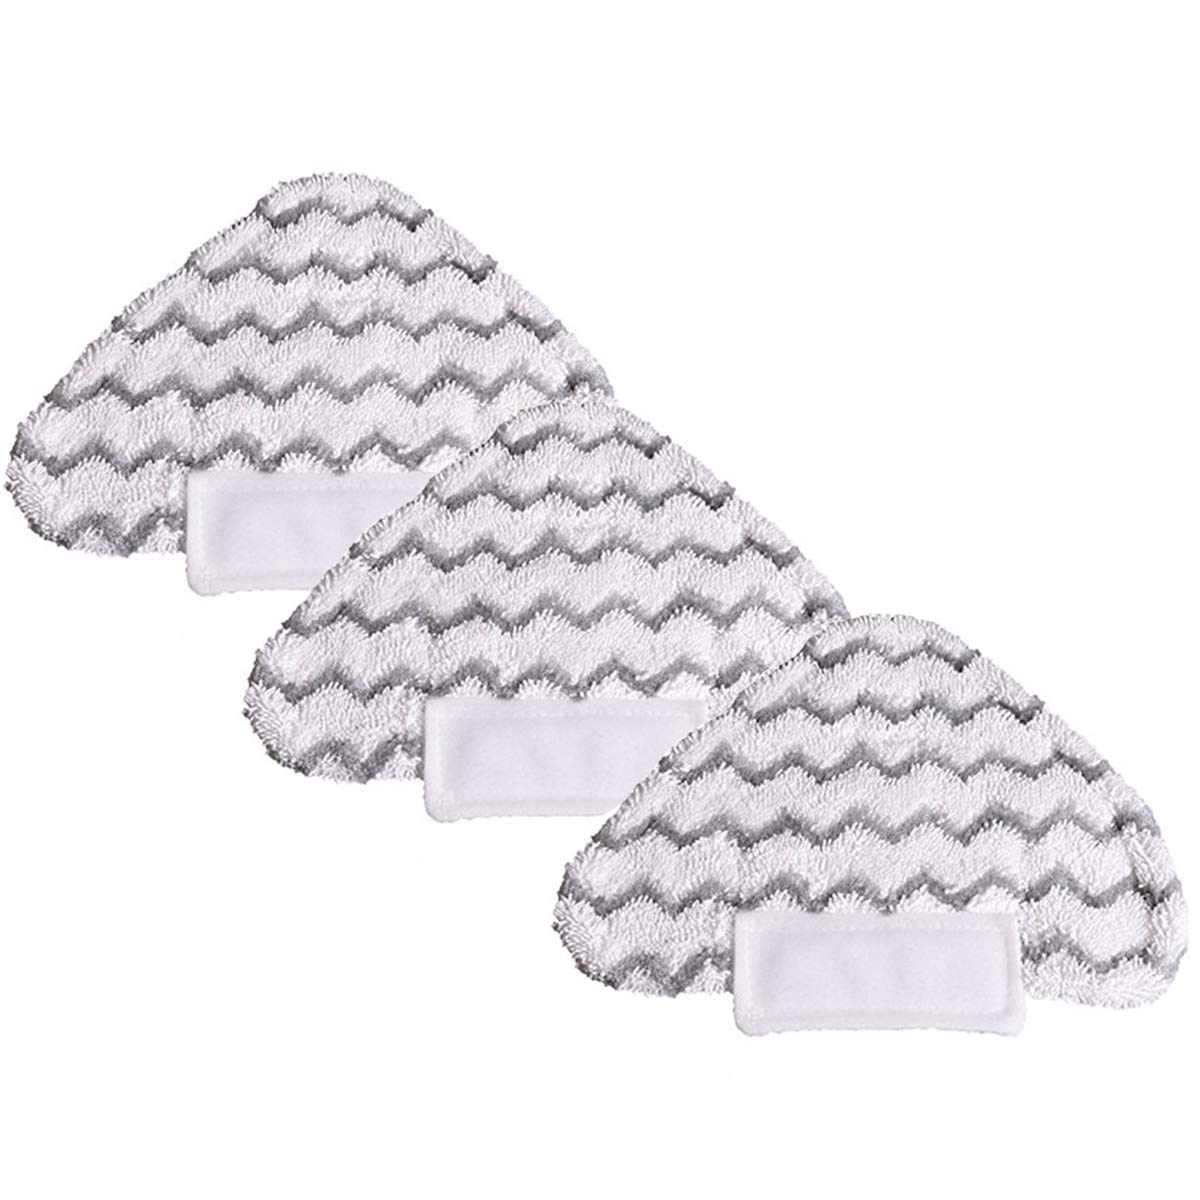 Aspirateur Kit d'accessoires pour iRobot Roomba Série 500 510 530 540 550 560 Flexible Beater Brosse Brosse à poils Brosse latérale Outil de nettoyage de filtre de remplacement